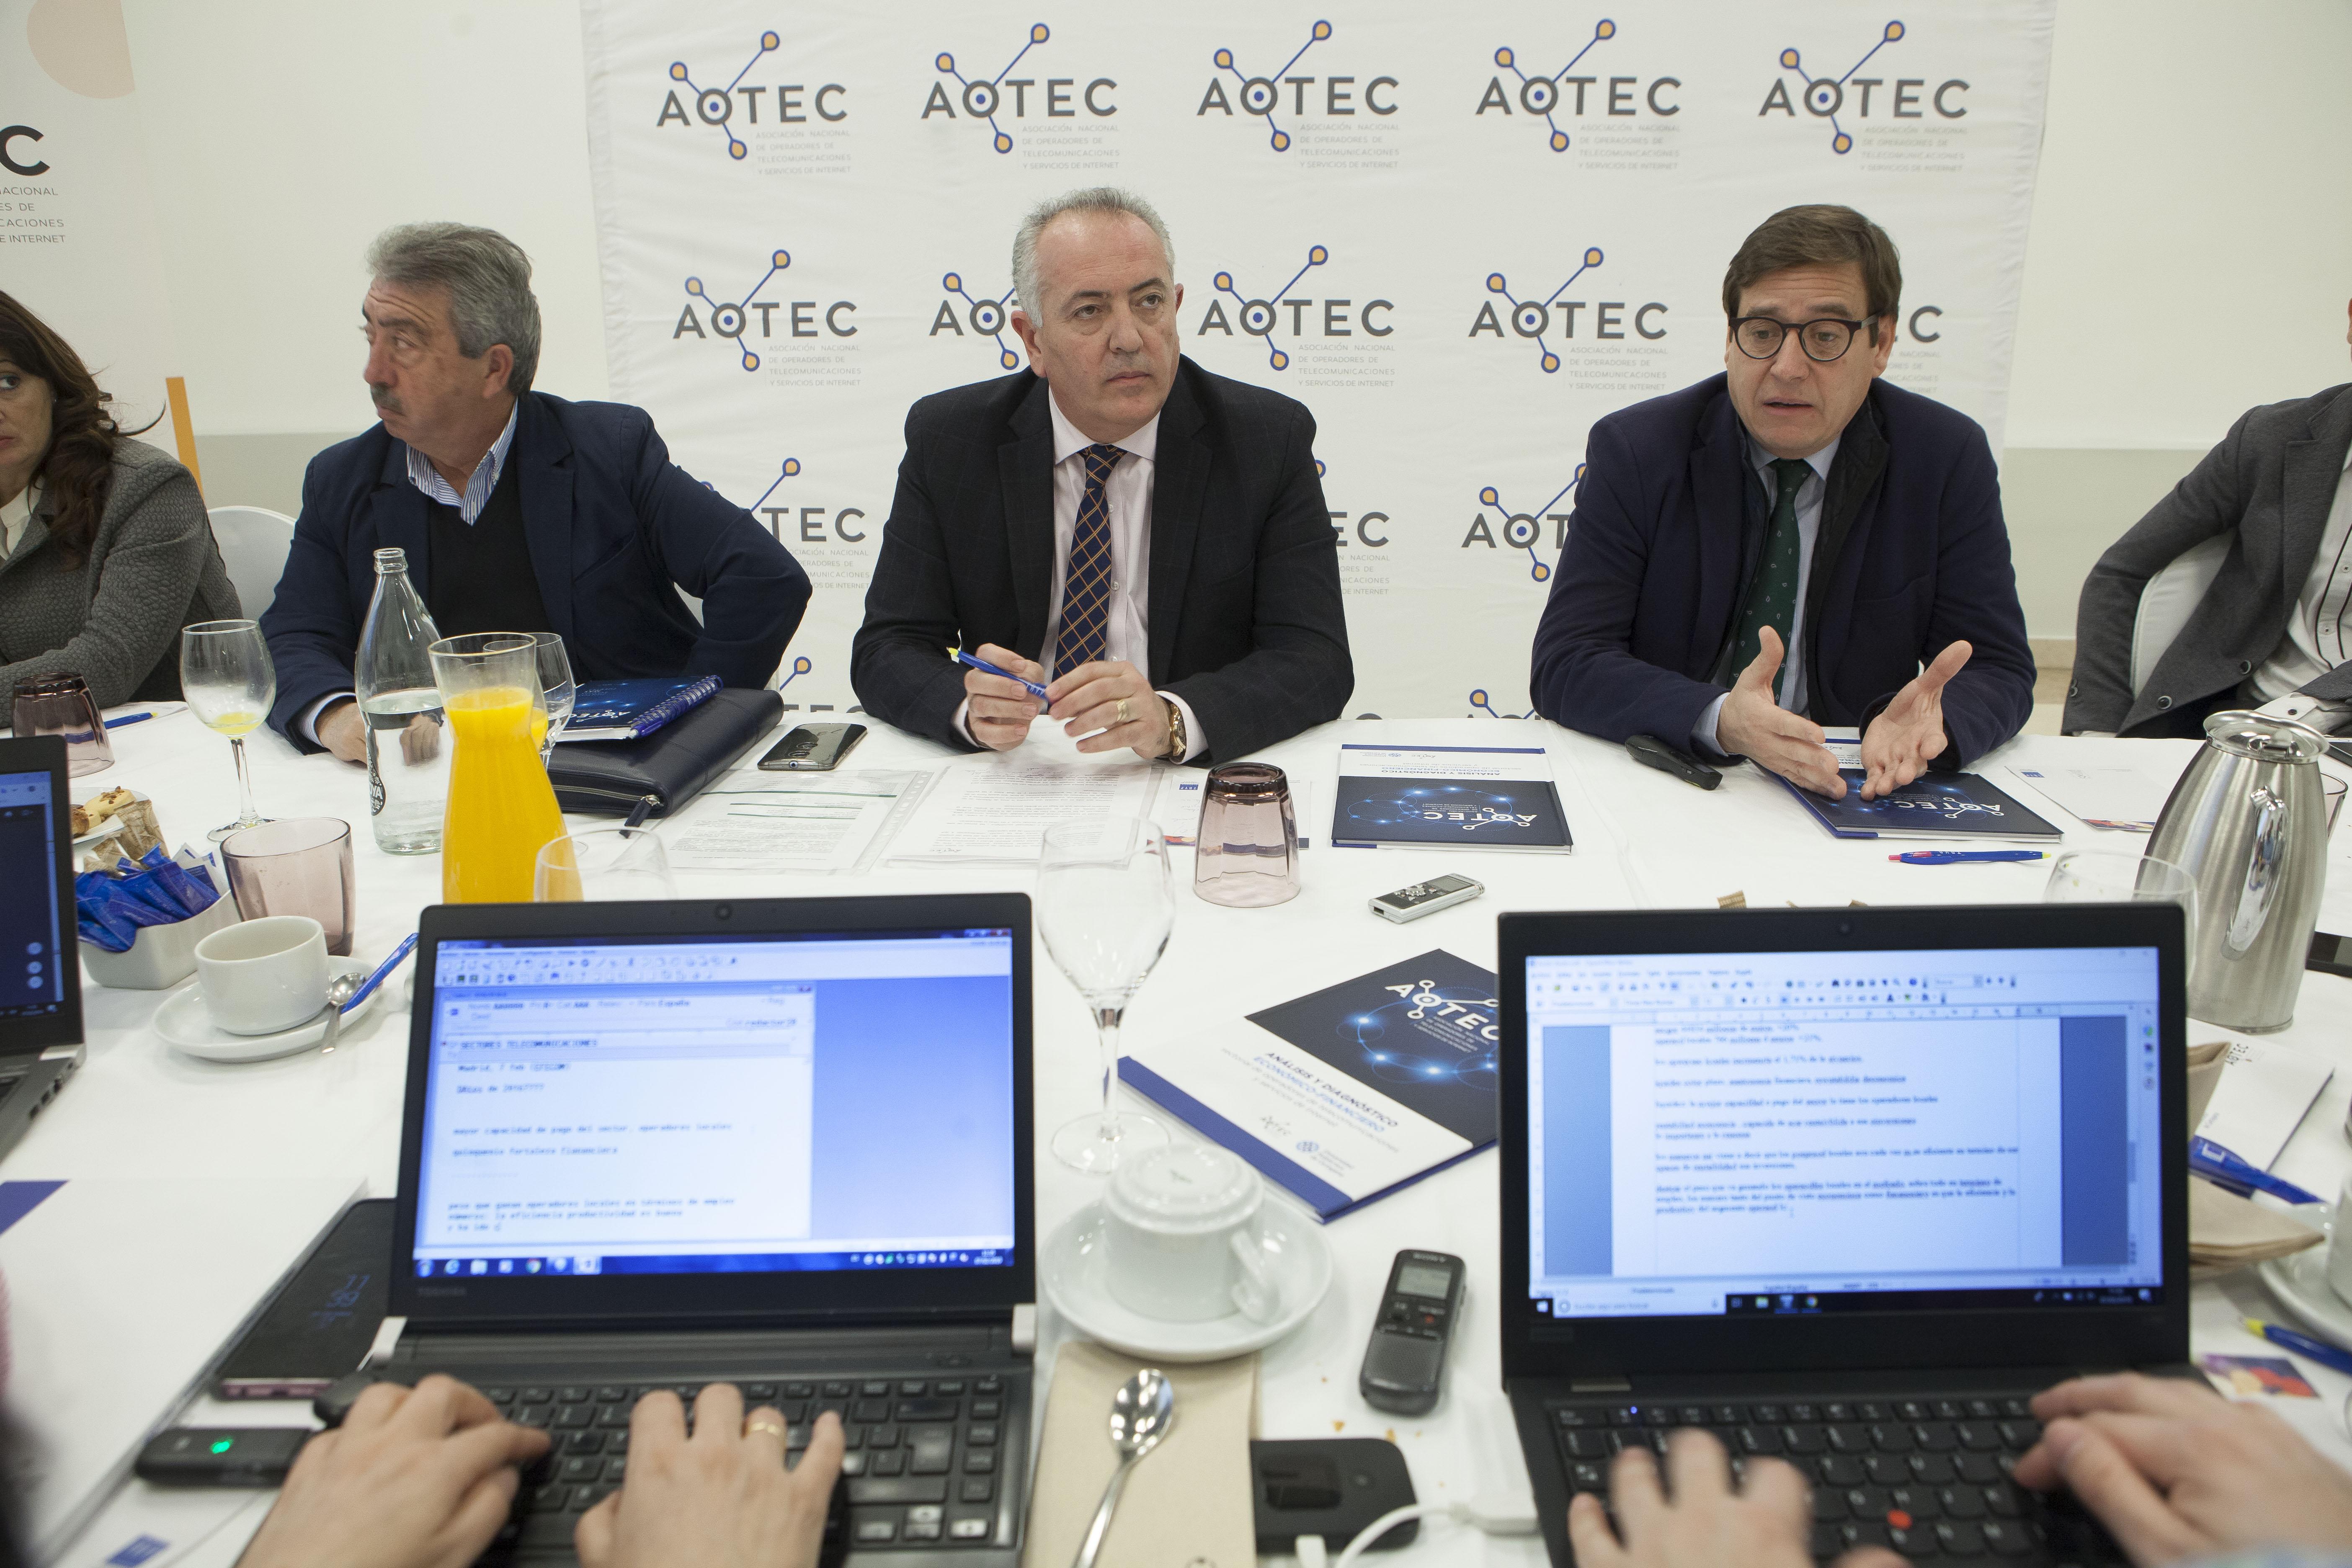 Los periodistas recogen los datos facilitados por el presidente de AOTEC, Antonio García Vidal, y el autor del estudio, Antonio Duréndez.